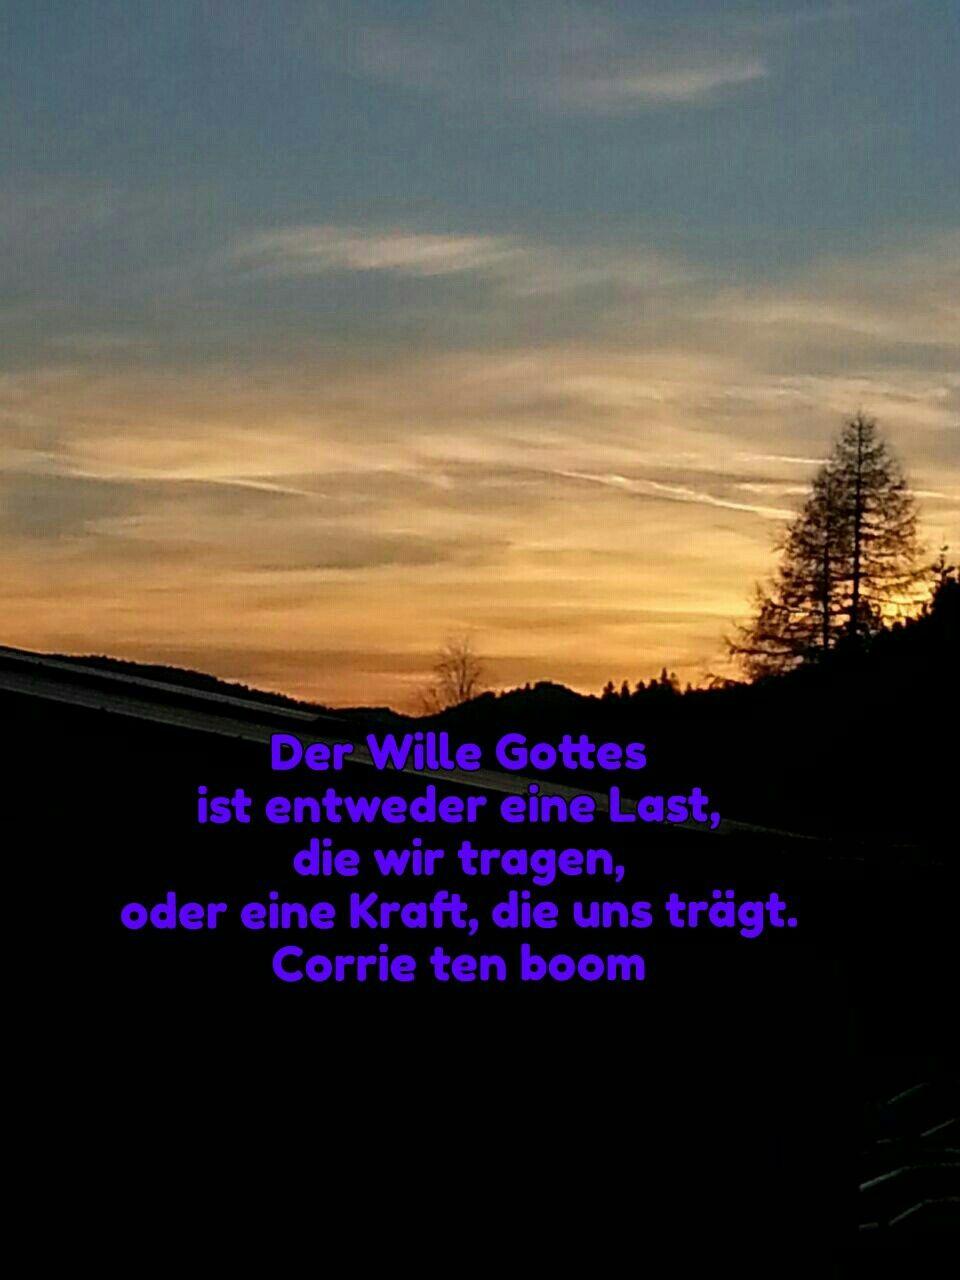 Der Wille Gottes ist entweder eine Last, die wir tragen